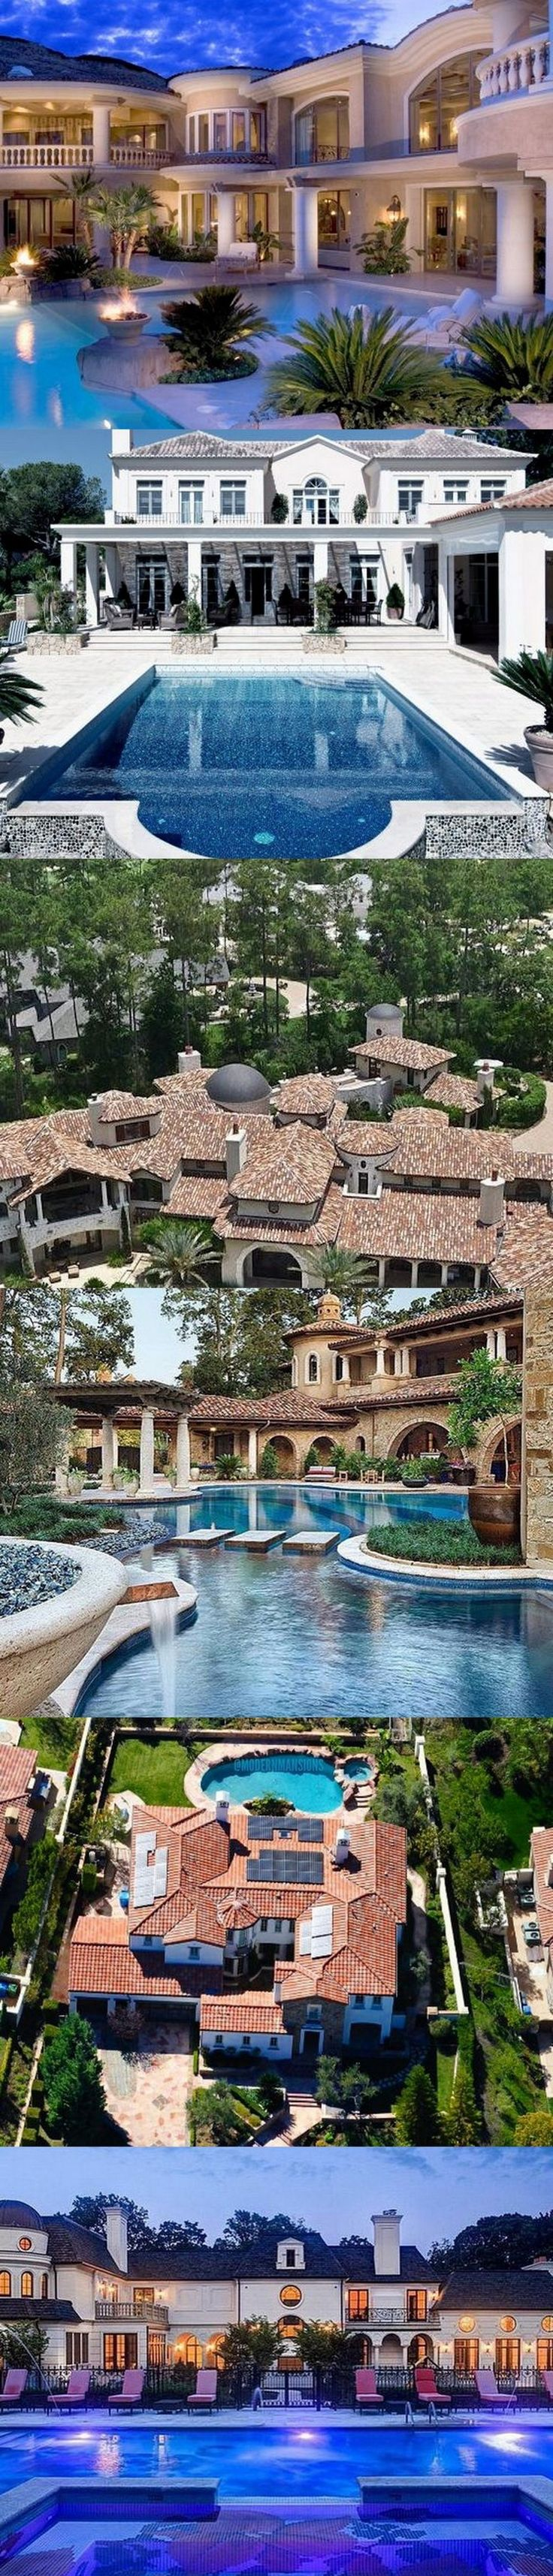 Describe your dream home!?